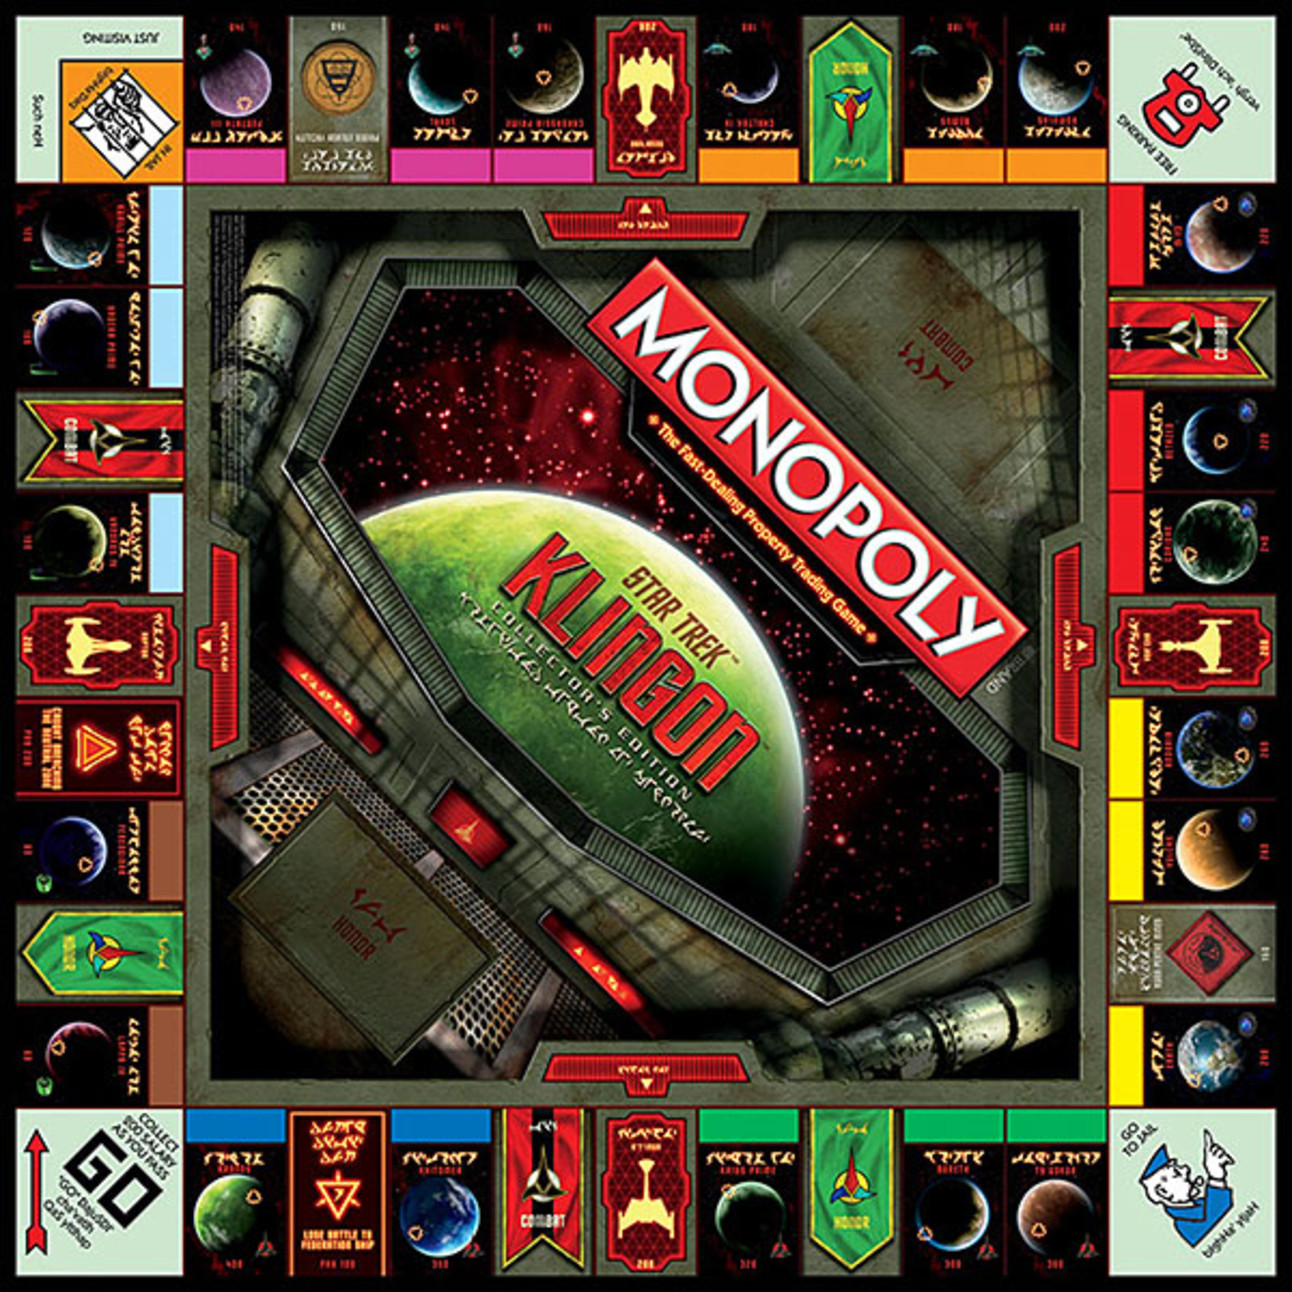 jqmk_st_klingon_monopoly_board.jpg